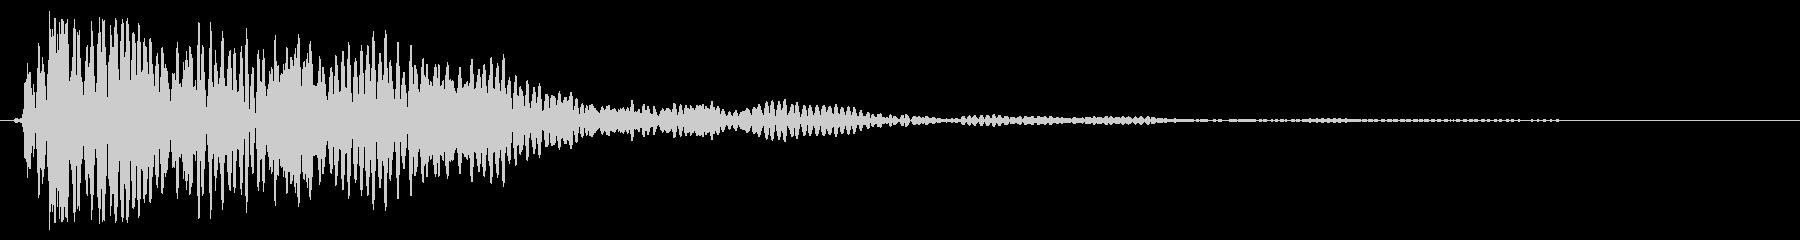 バン!(物を置く叩くシンプルな効果音)の未再生の波形